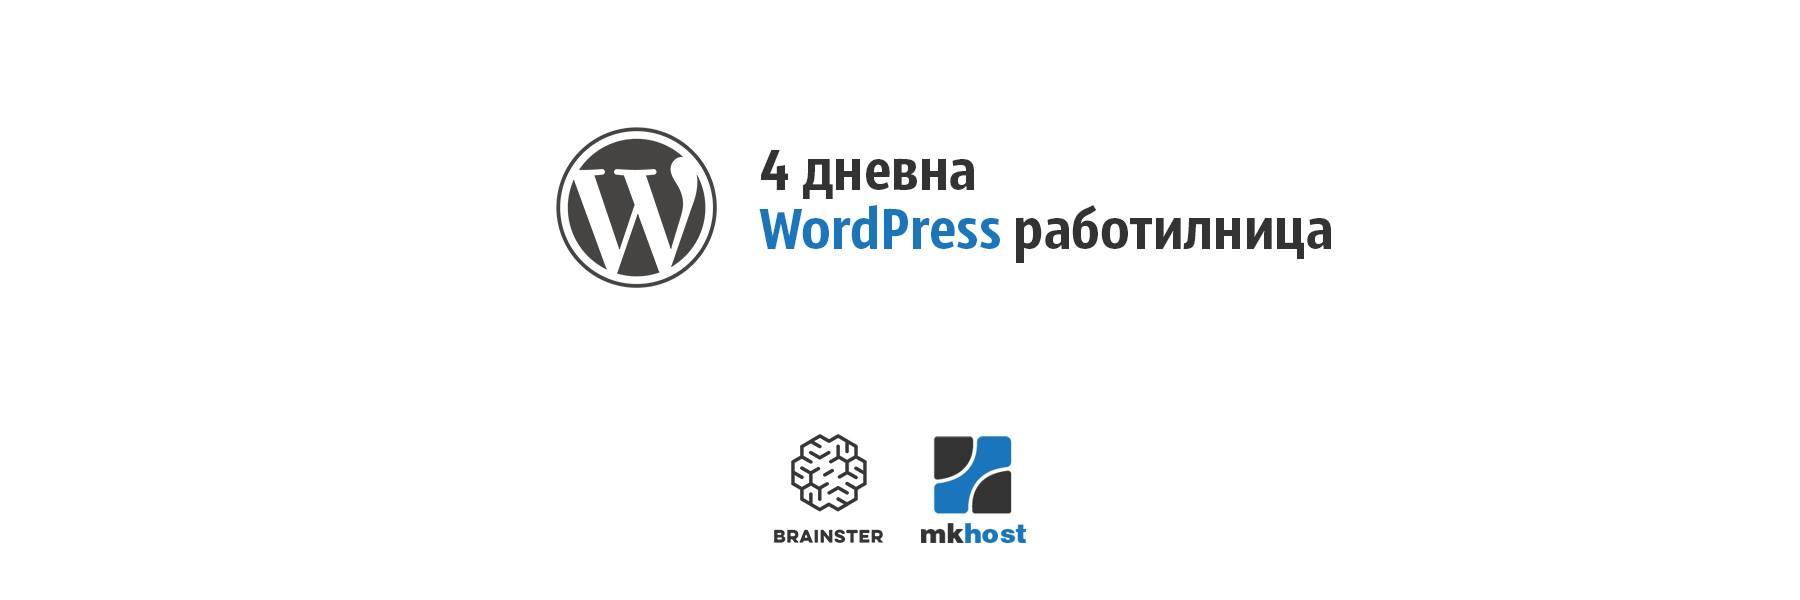 WordPress Работилница